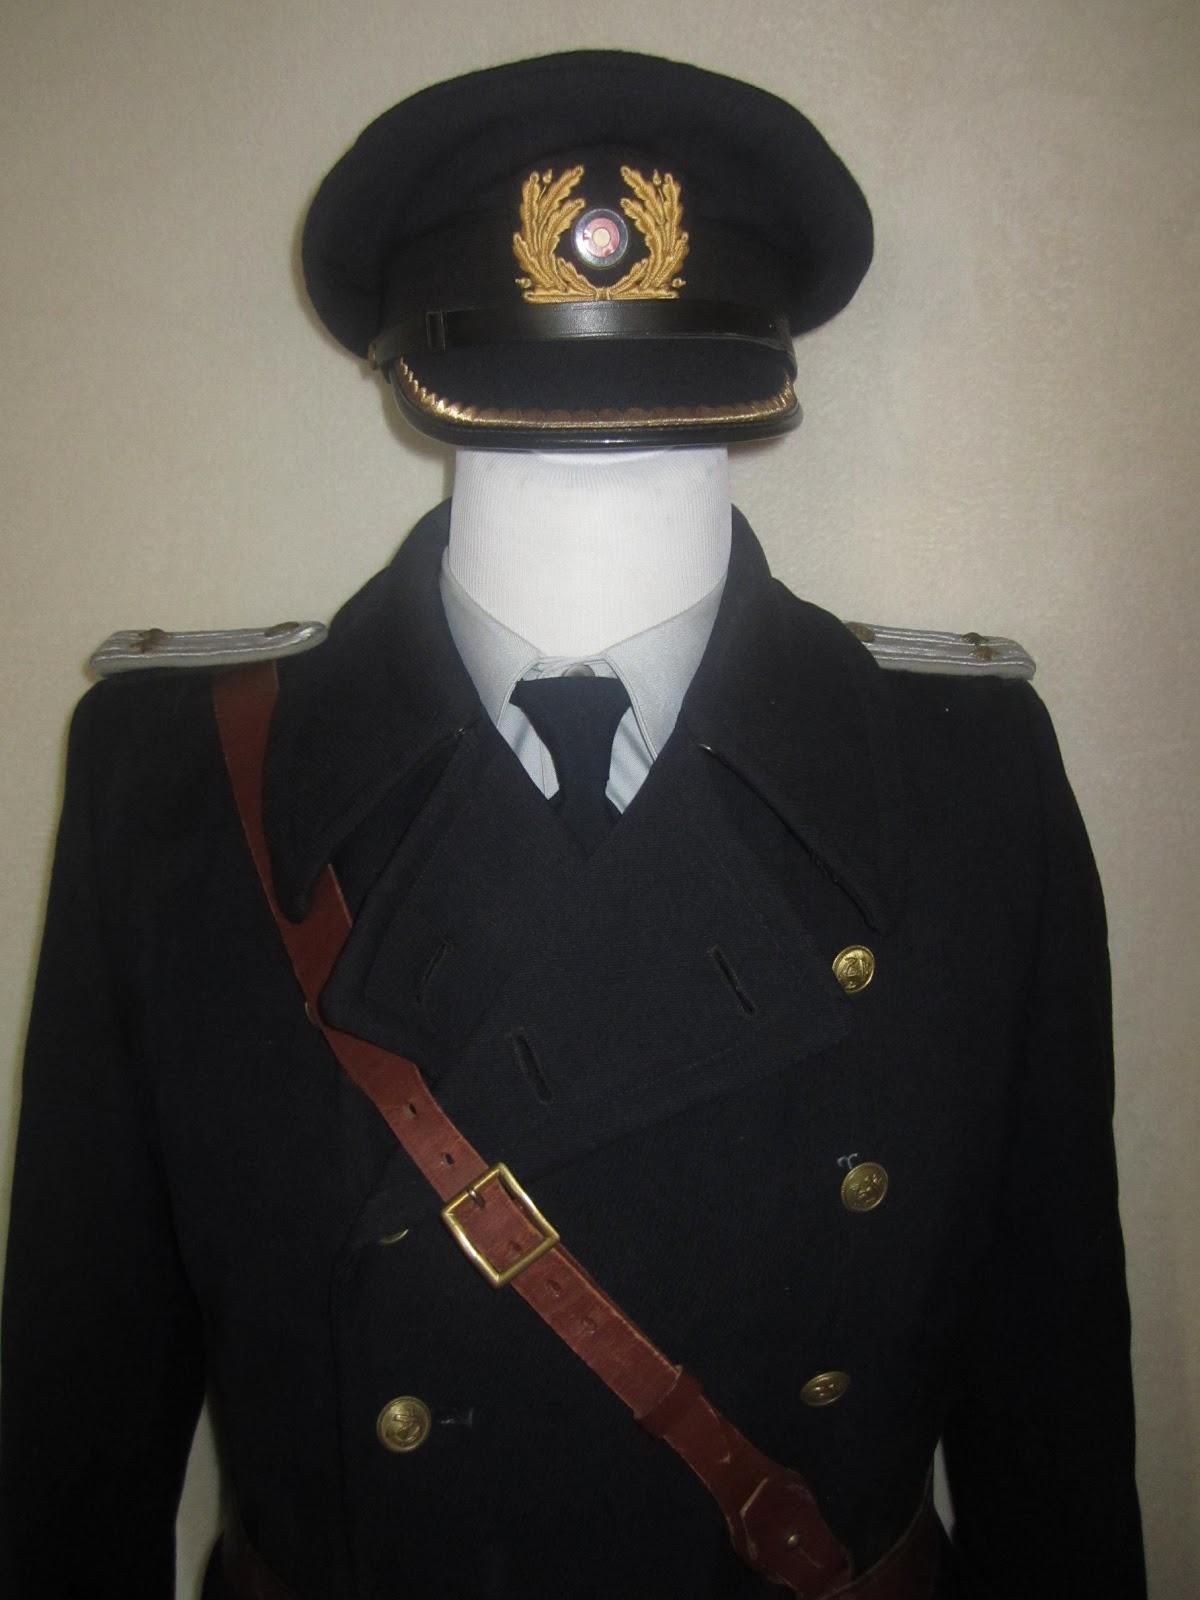 Gegenteil Von Uniform